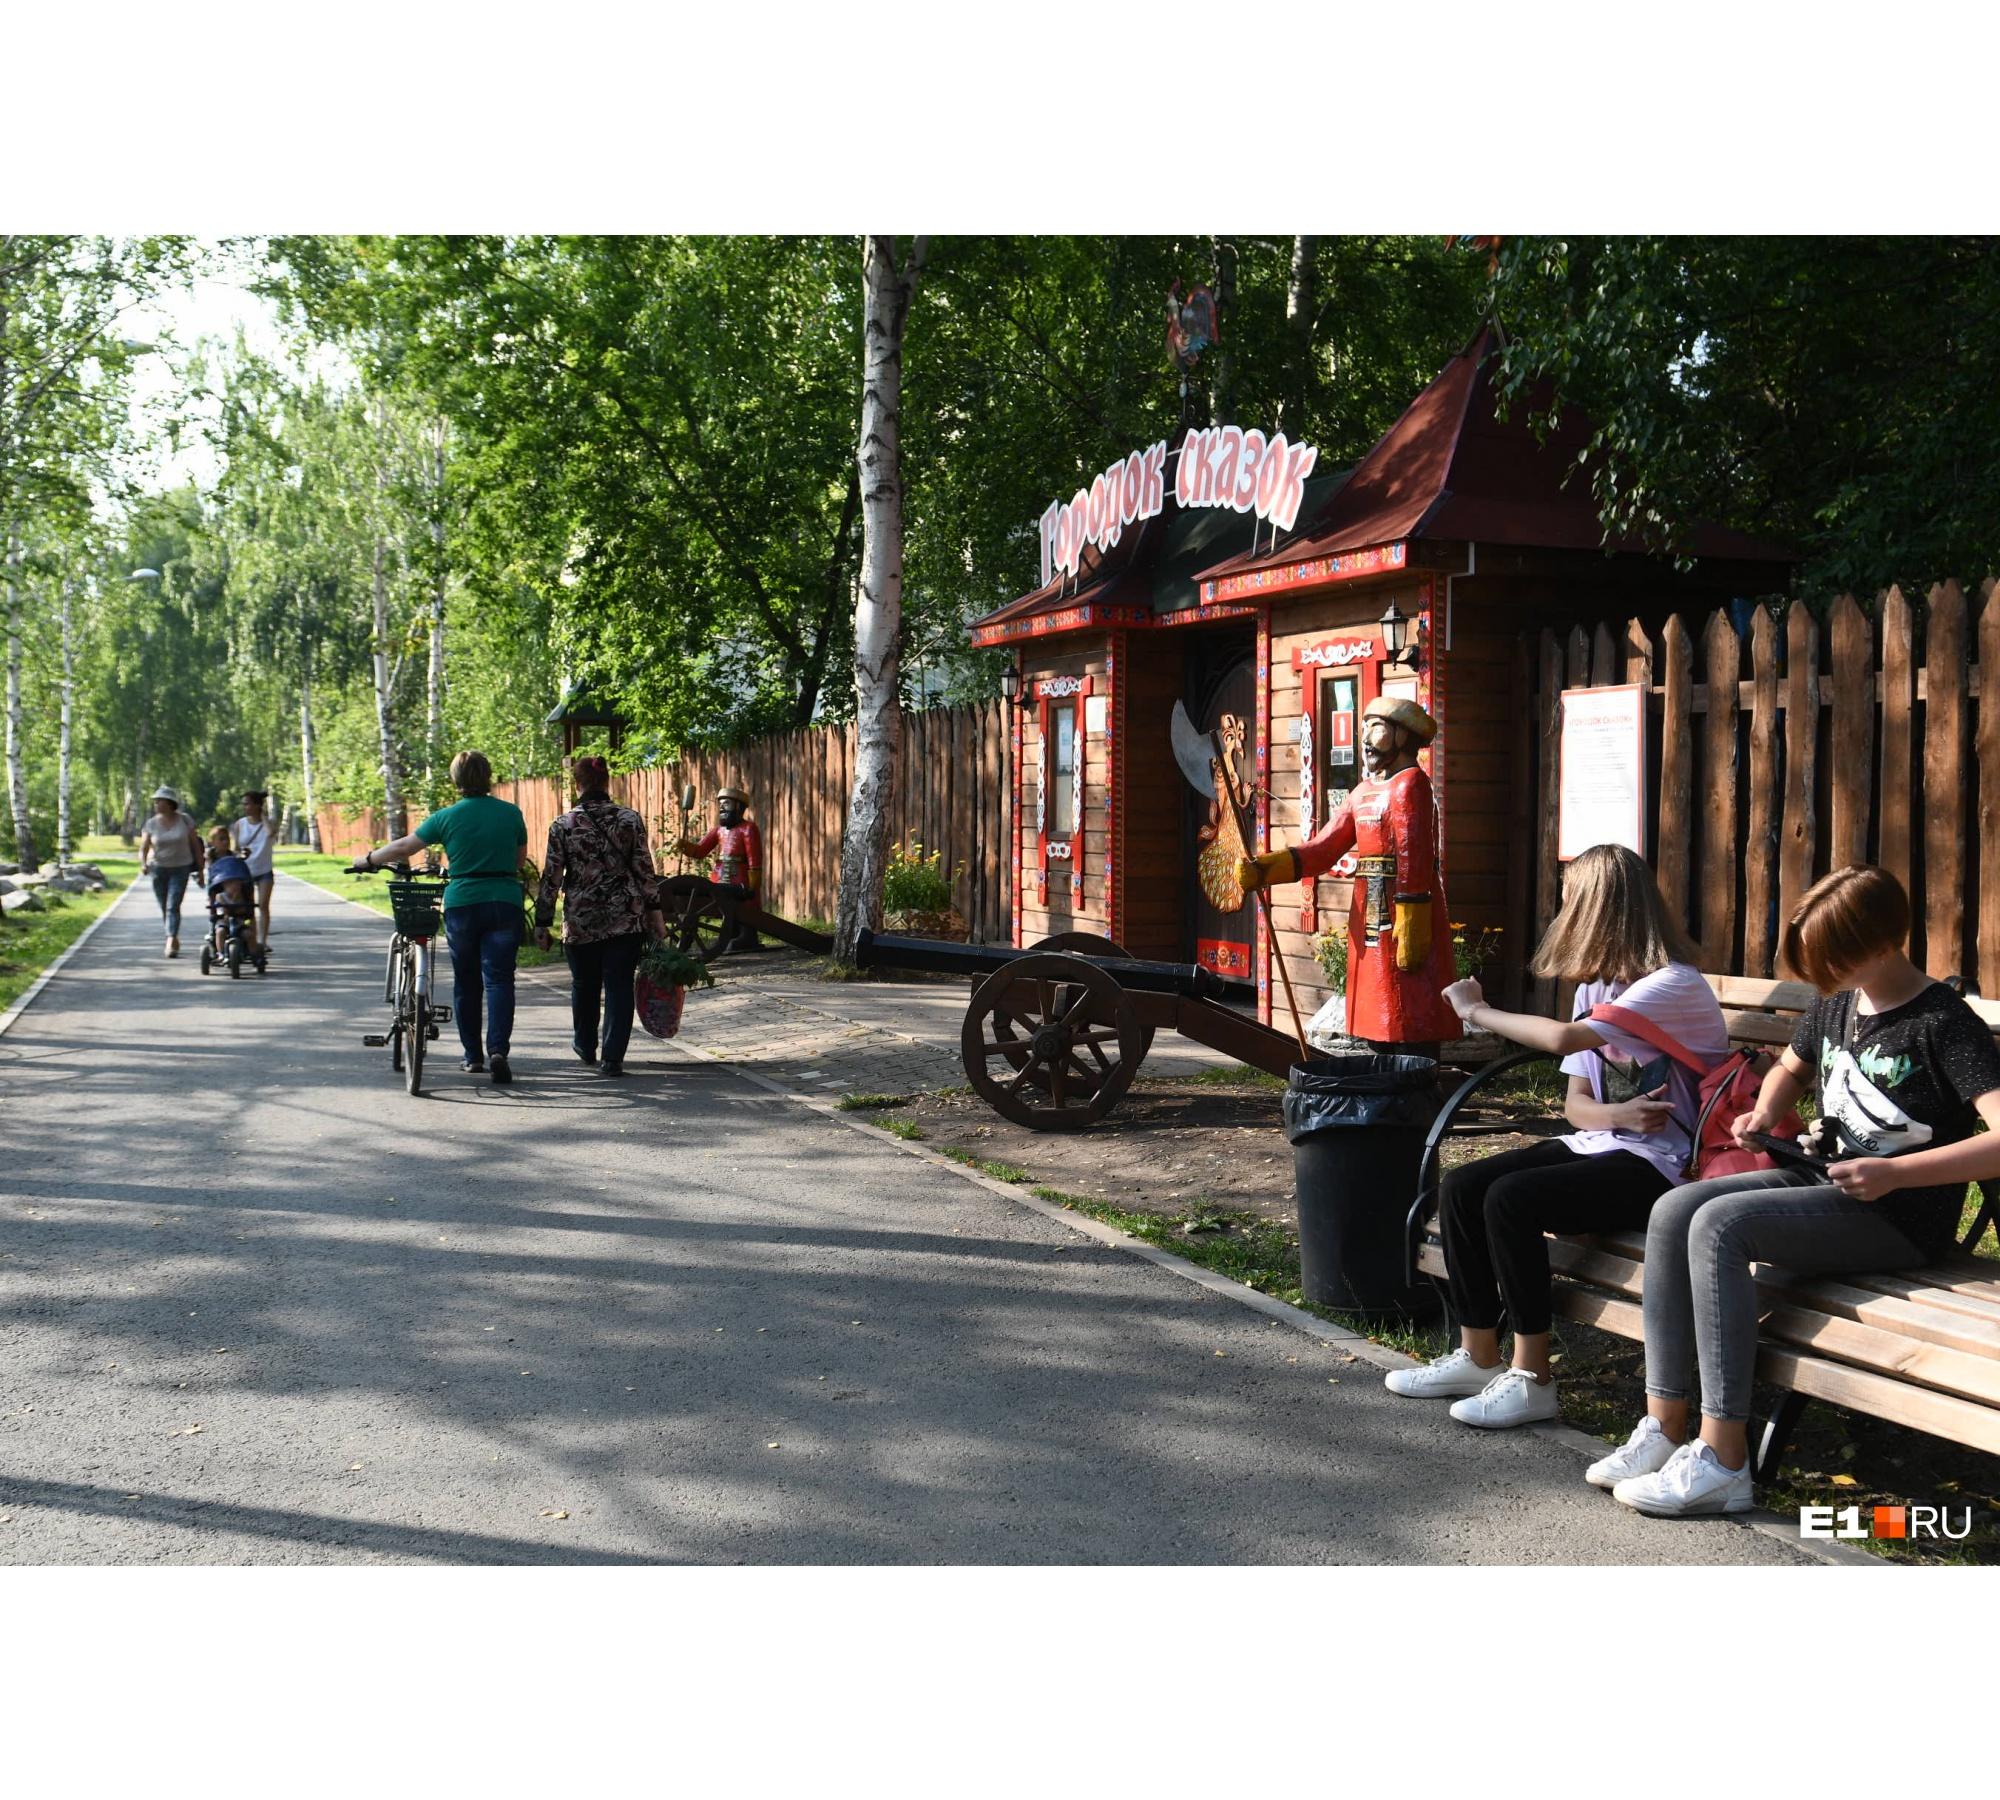 «Городок сказок» в парке теперь закрыт